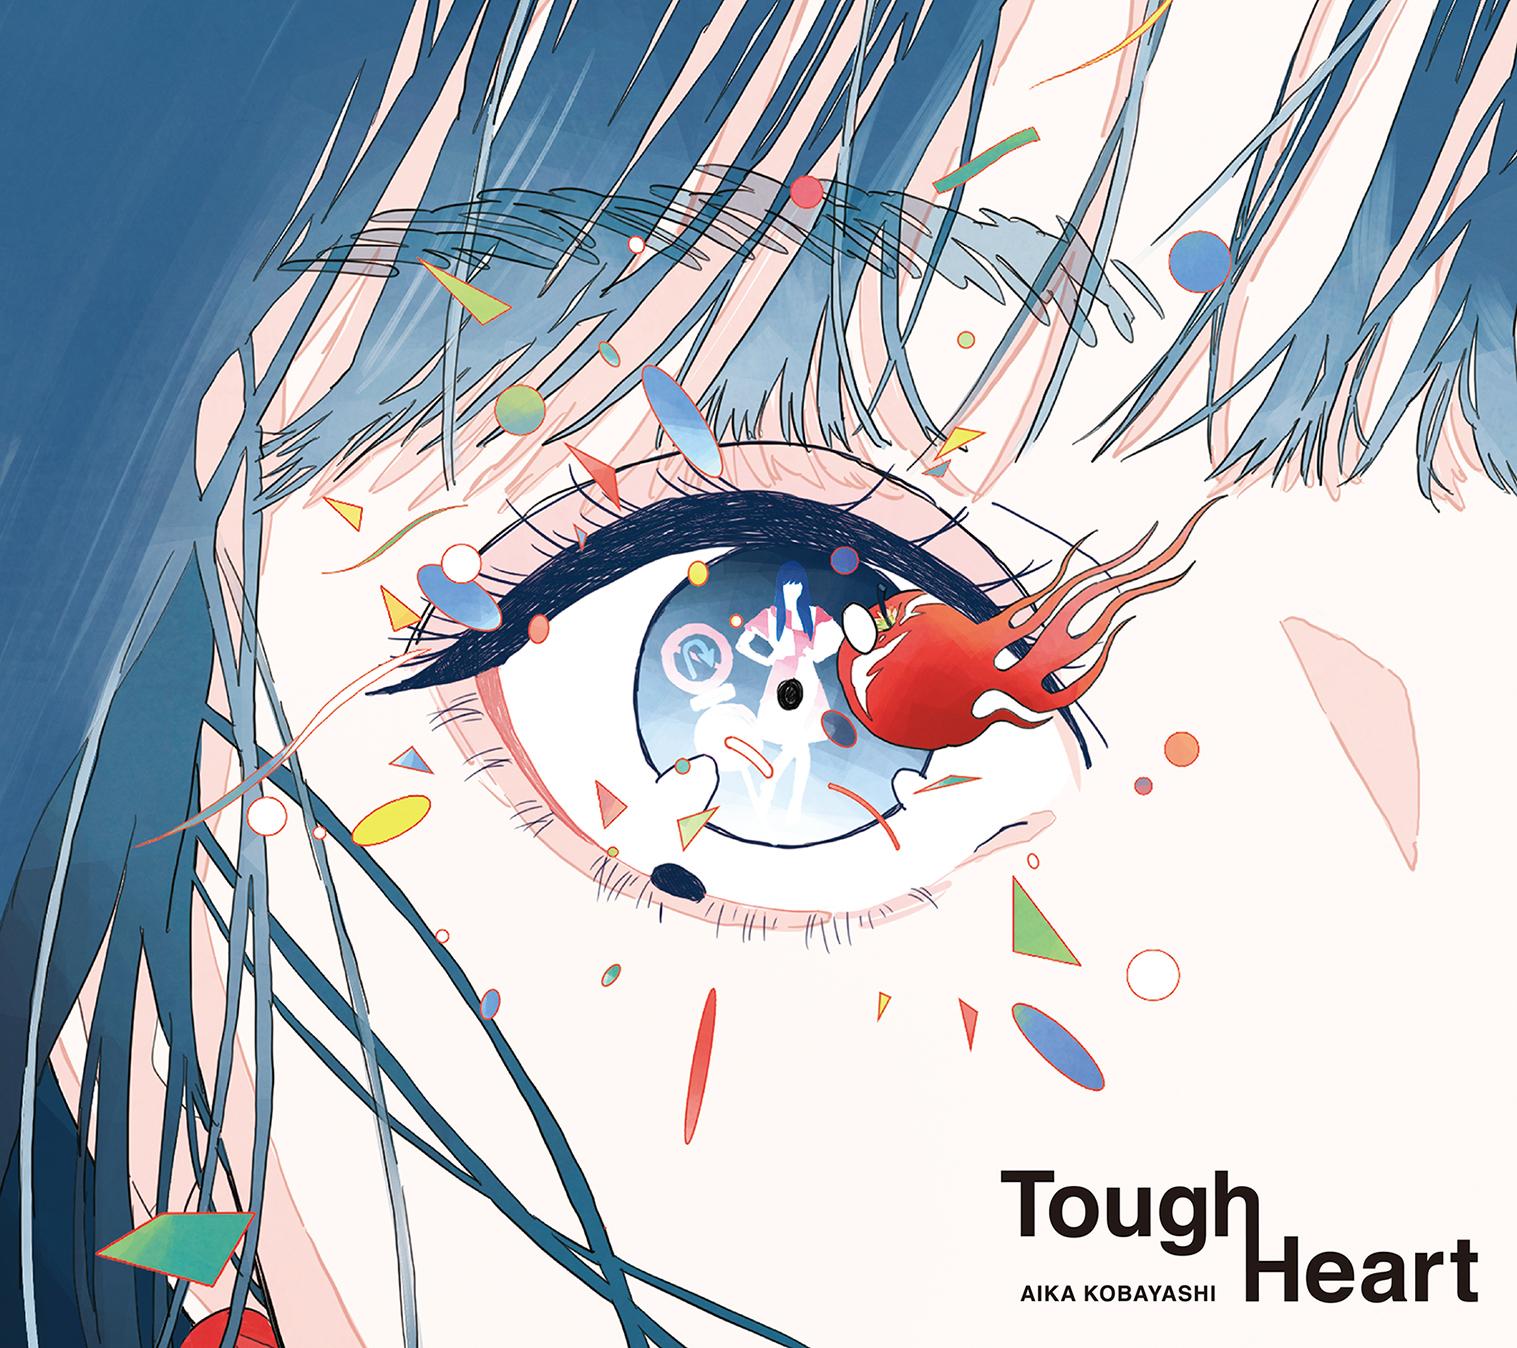 小林愛香_Tough Heart初回限定盤ジャケット